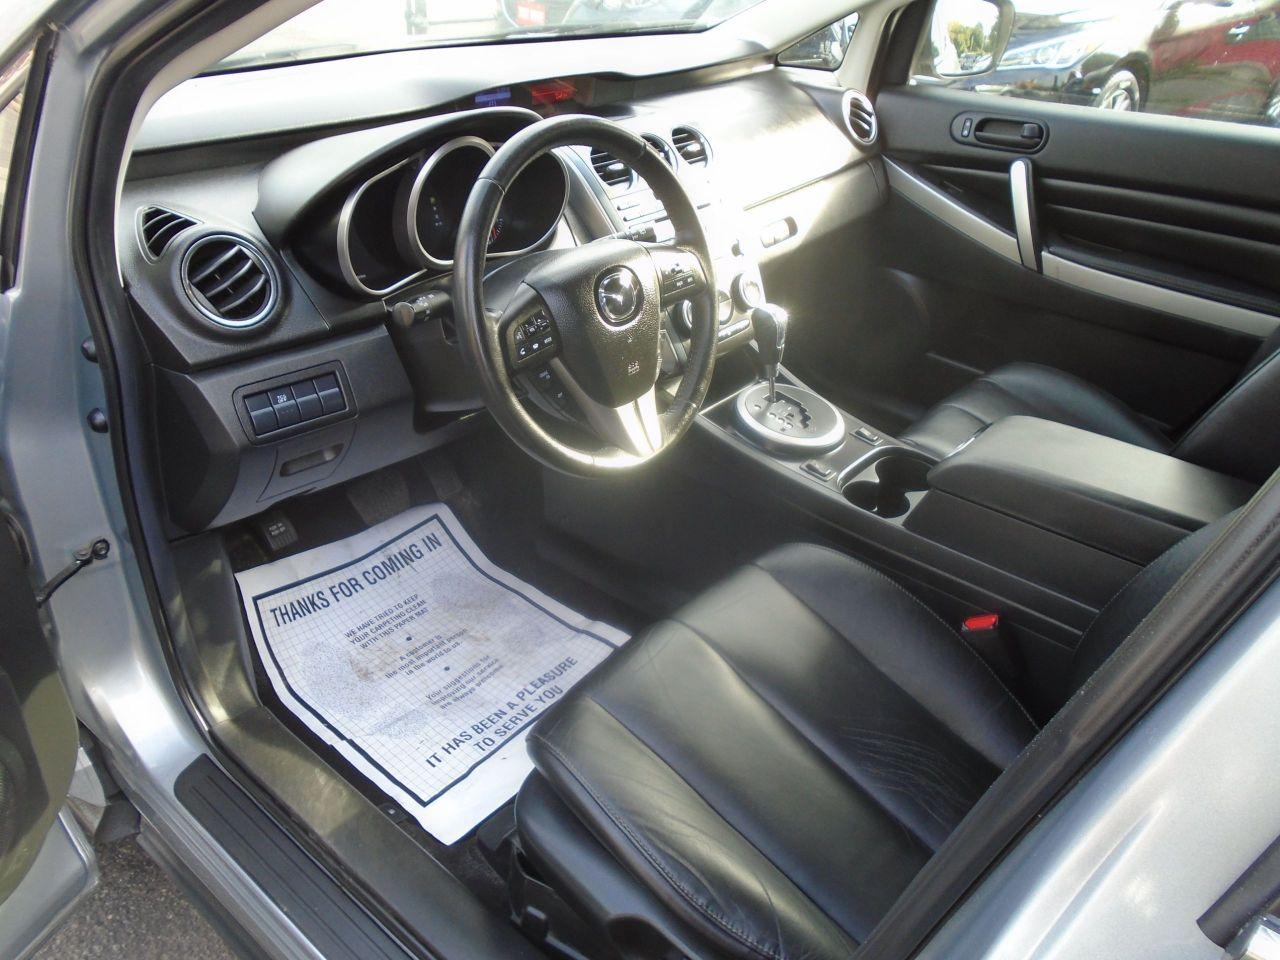 2011 Mazda CX-7